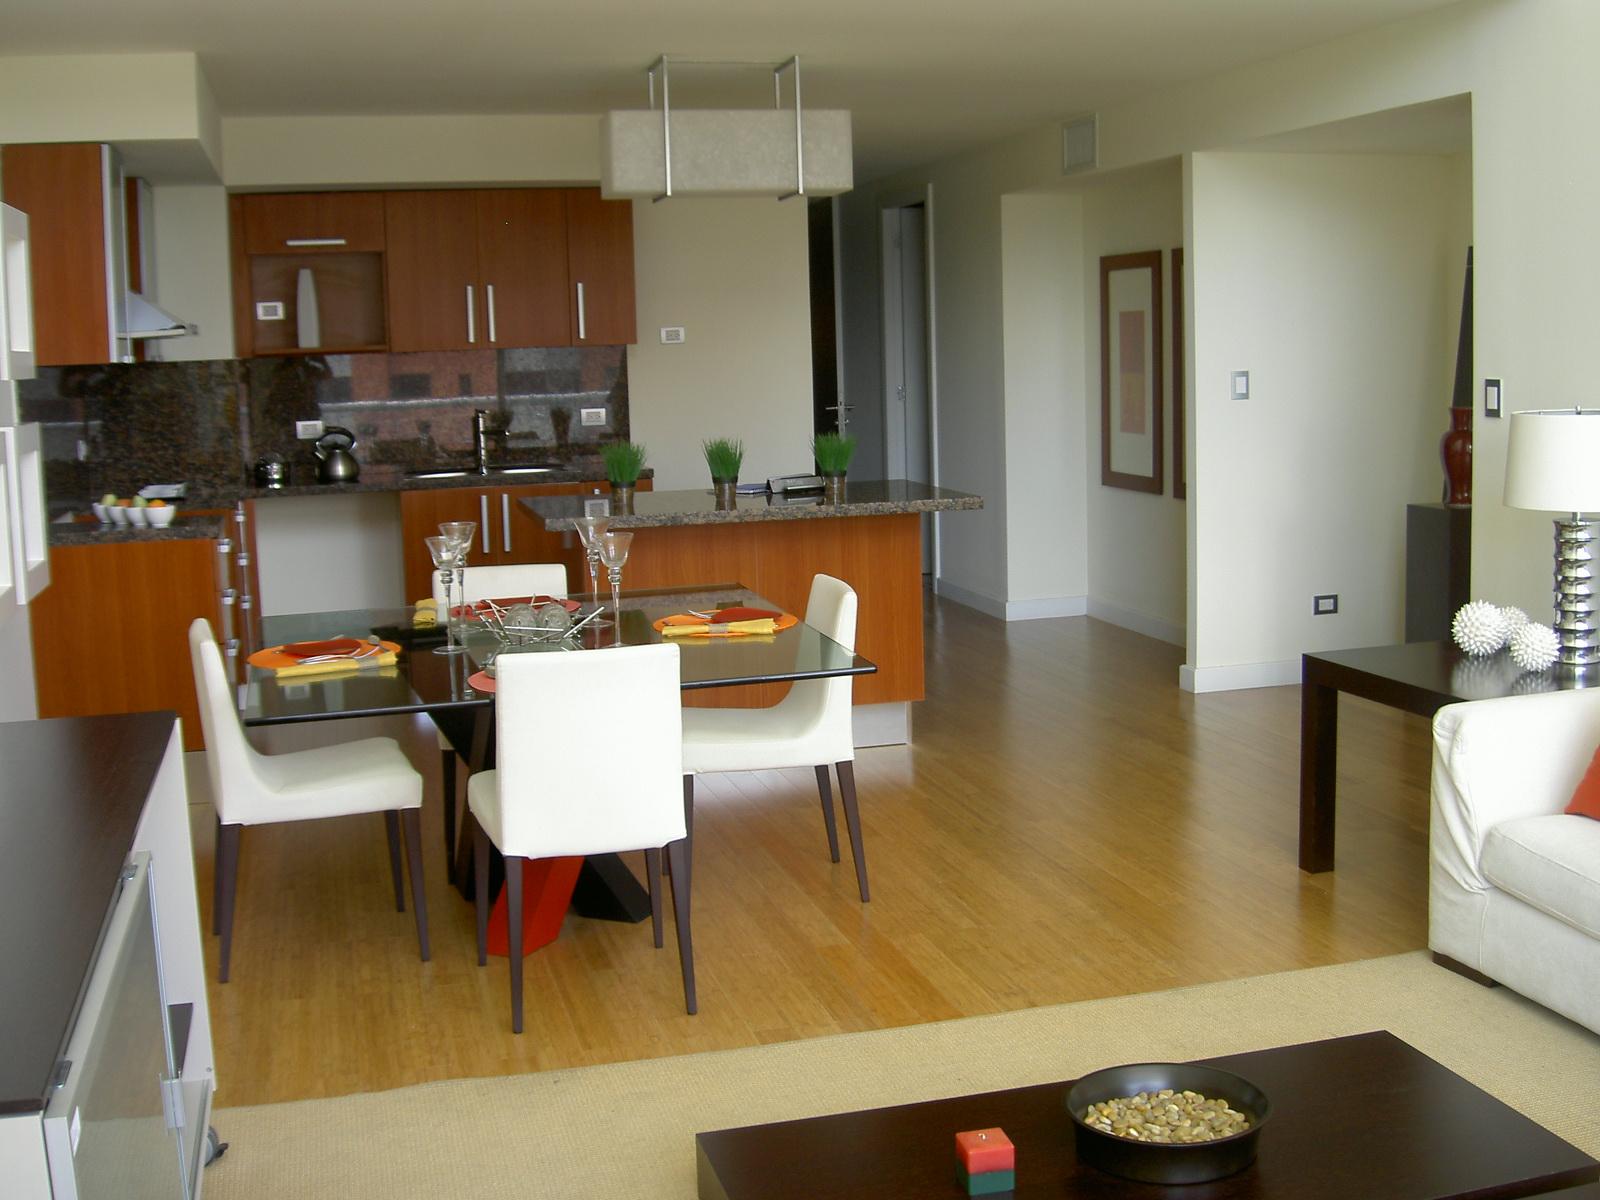 moderno apartamento de una habitaci n tipo loft